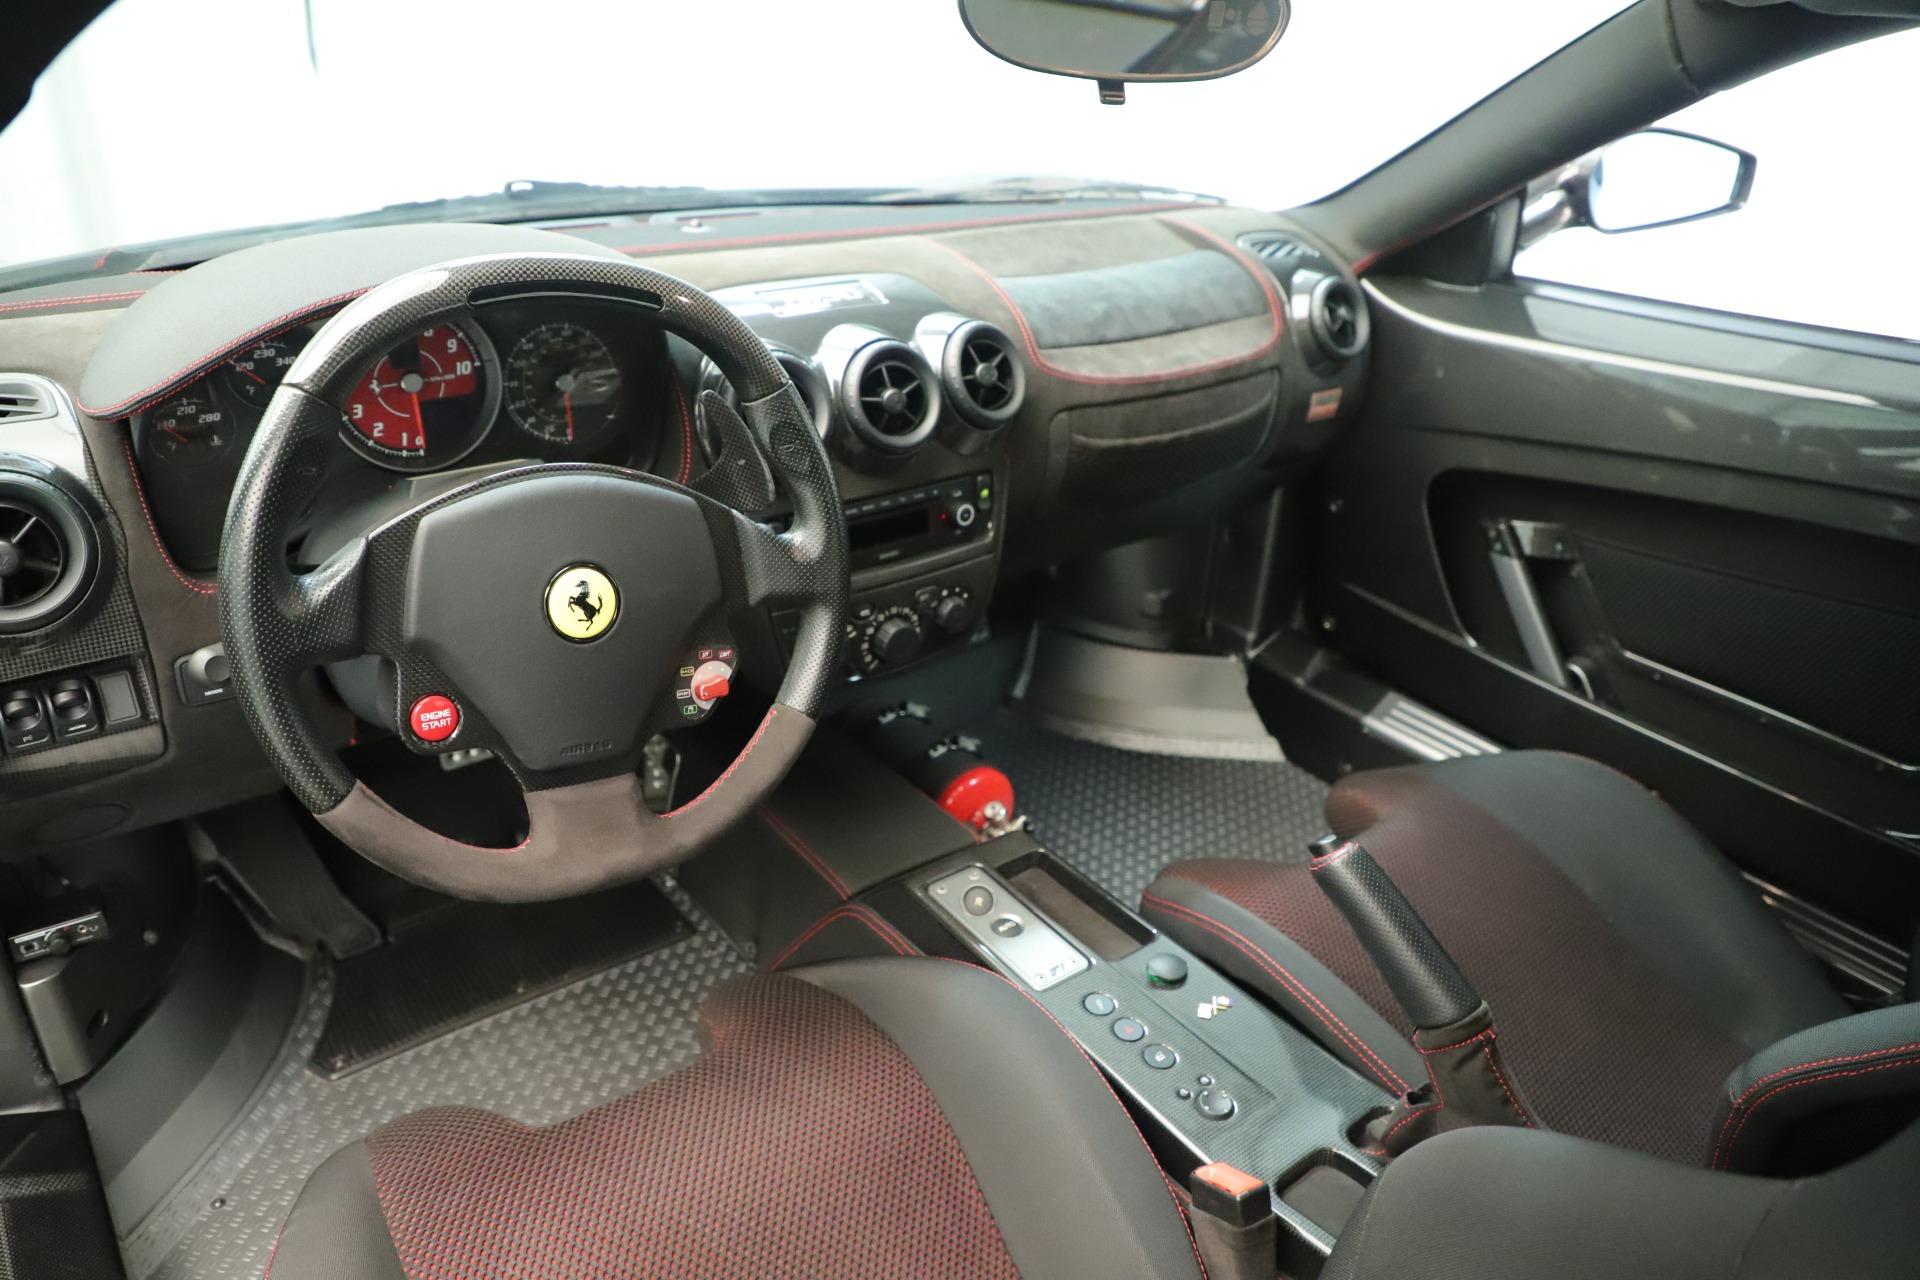 Used 2008 Ferrari 430 Scuderia For Sale In Greenwich, CT 3500_p13